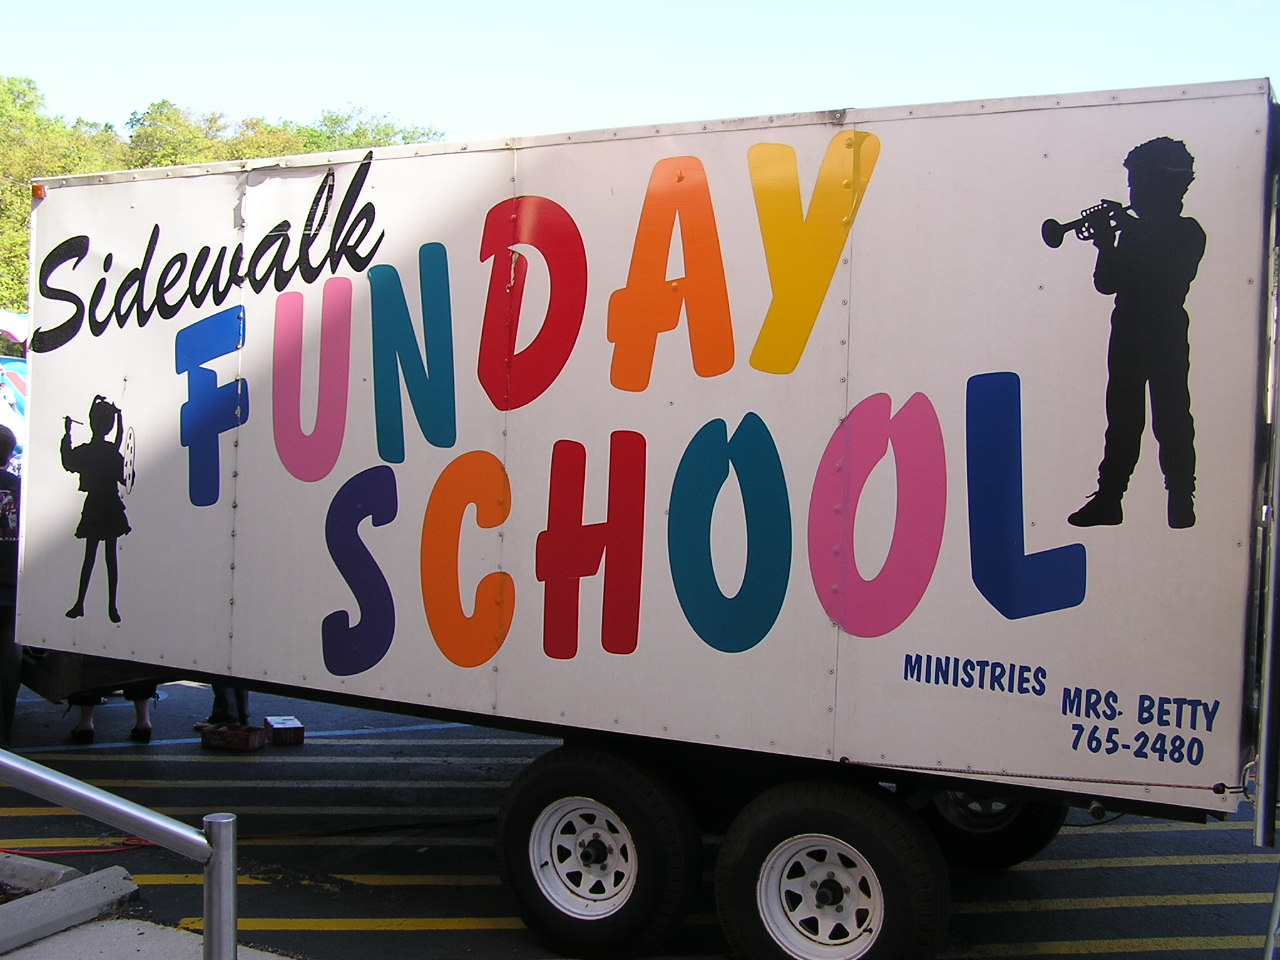 Sidewalk Funday School, A Children's Church, Inc. image 0